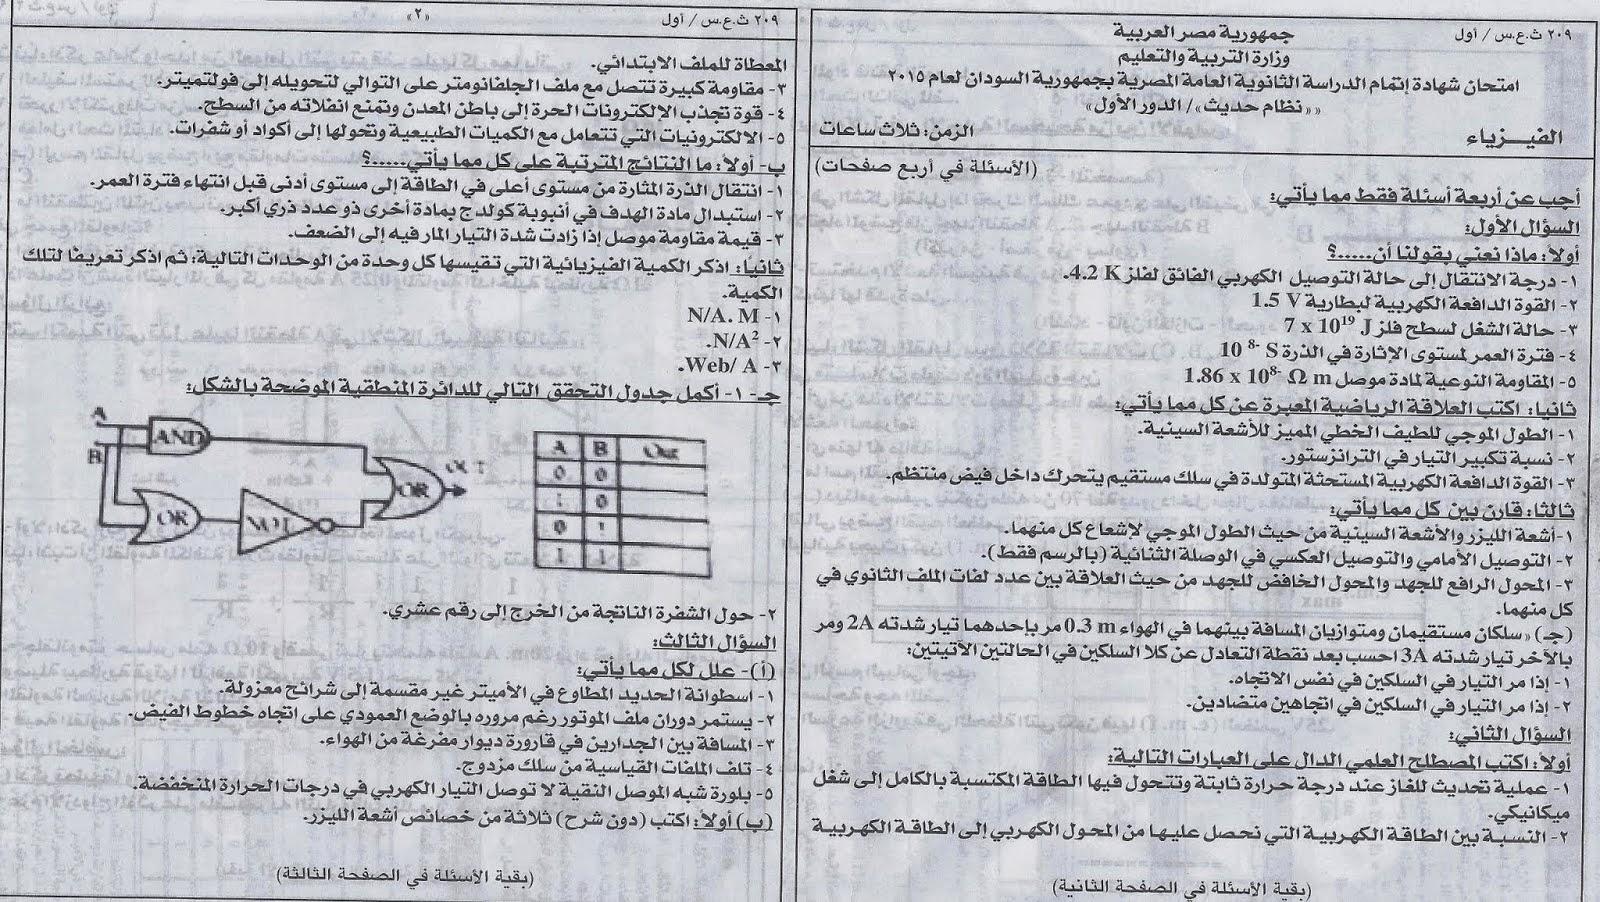 نموذج الوزارة الرسمى أسئلة واجابة امتحان فيزياء السودان2015 نظام حديث Www.modars1.com_1234567891